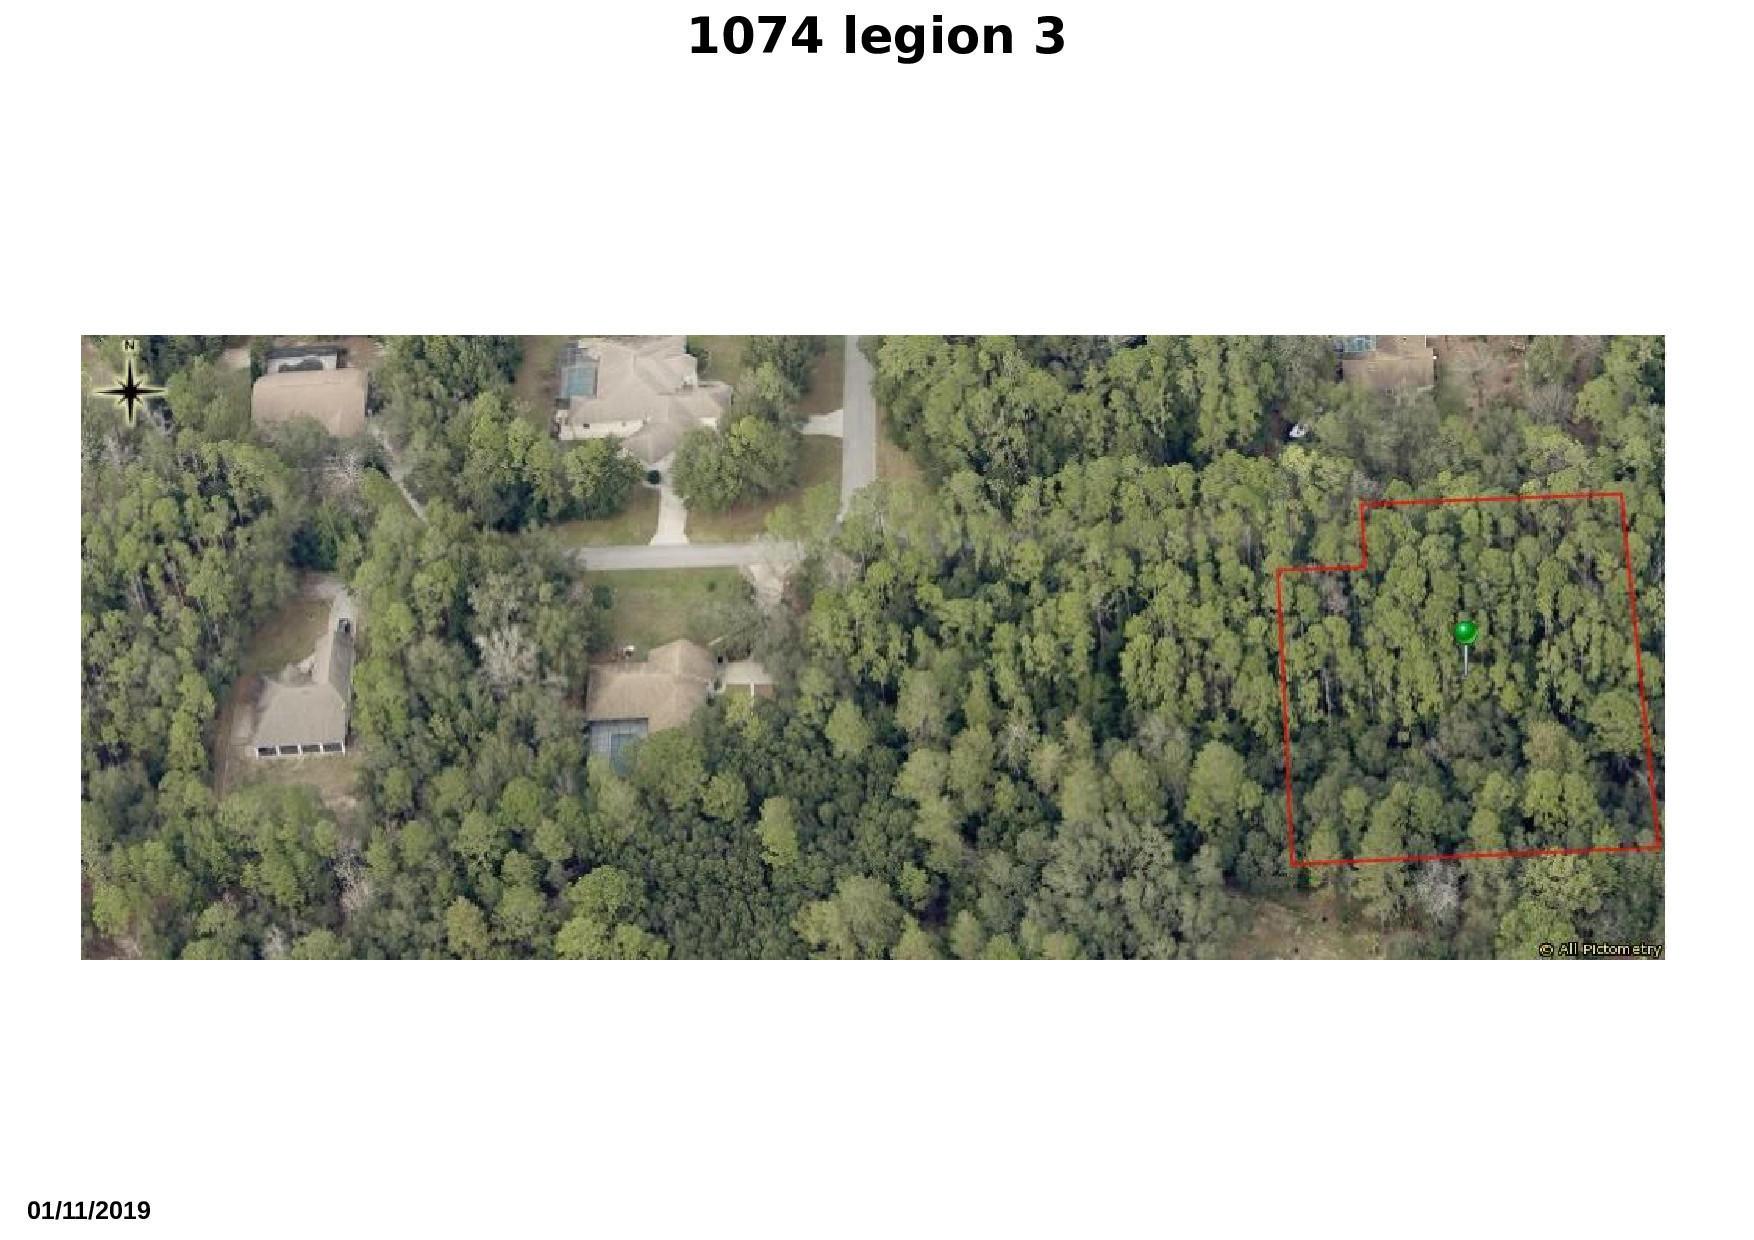 1074 legion 3